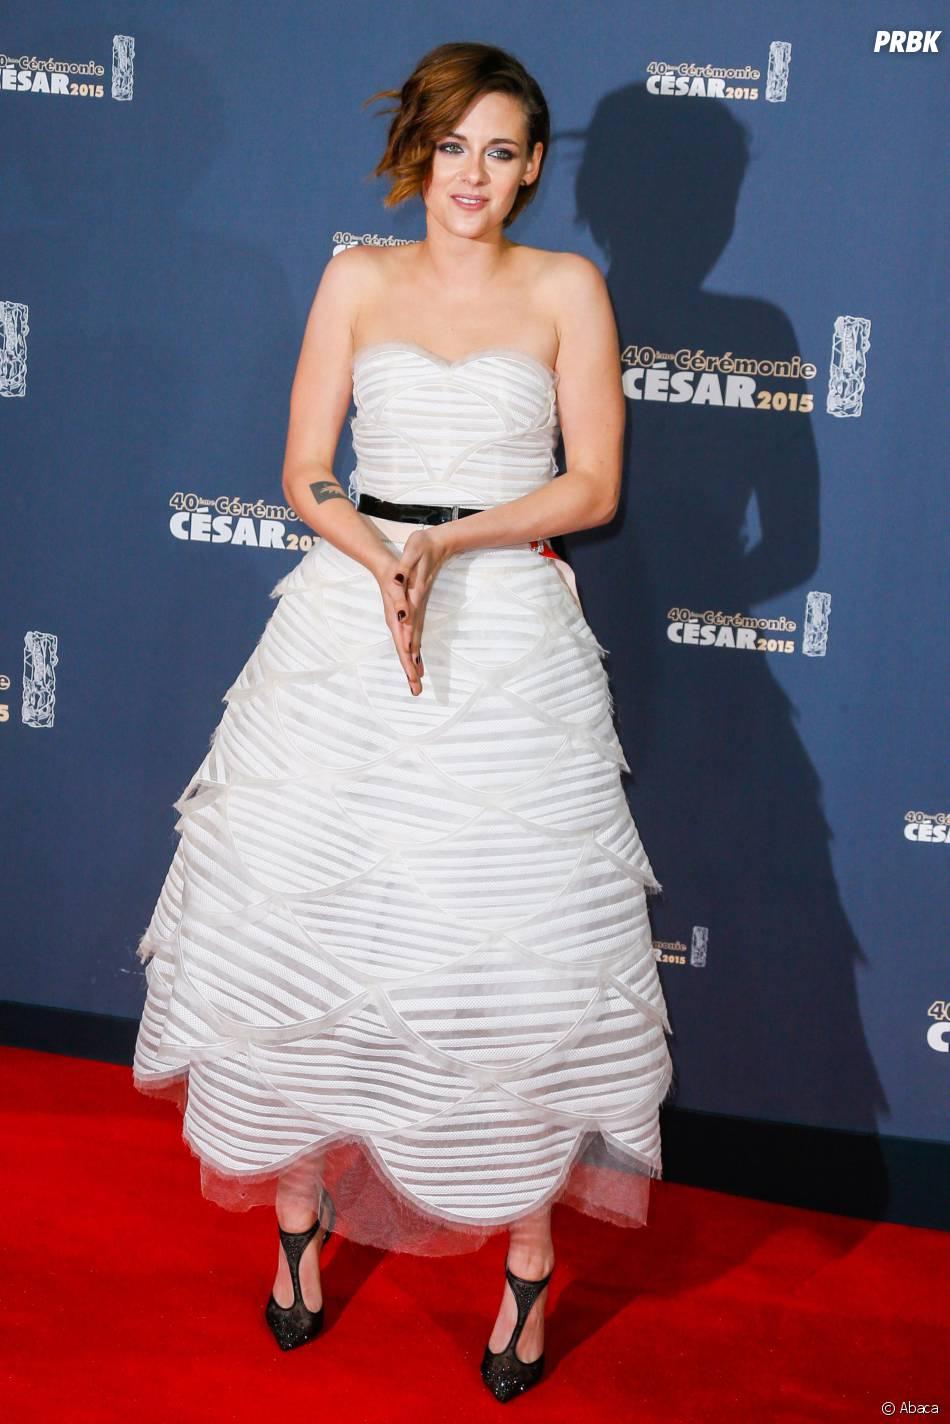 Kristen Stewart sur le tapis rouge des César 2015 au théâtre du Châtelet à Paris, le 20 février 2015